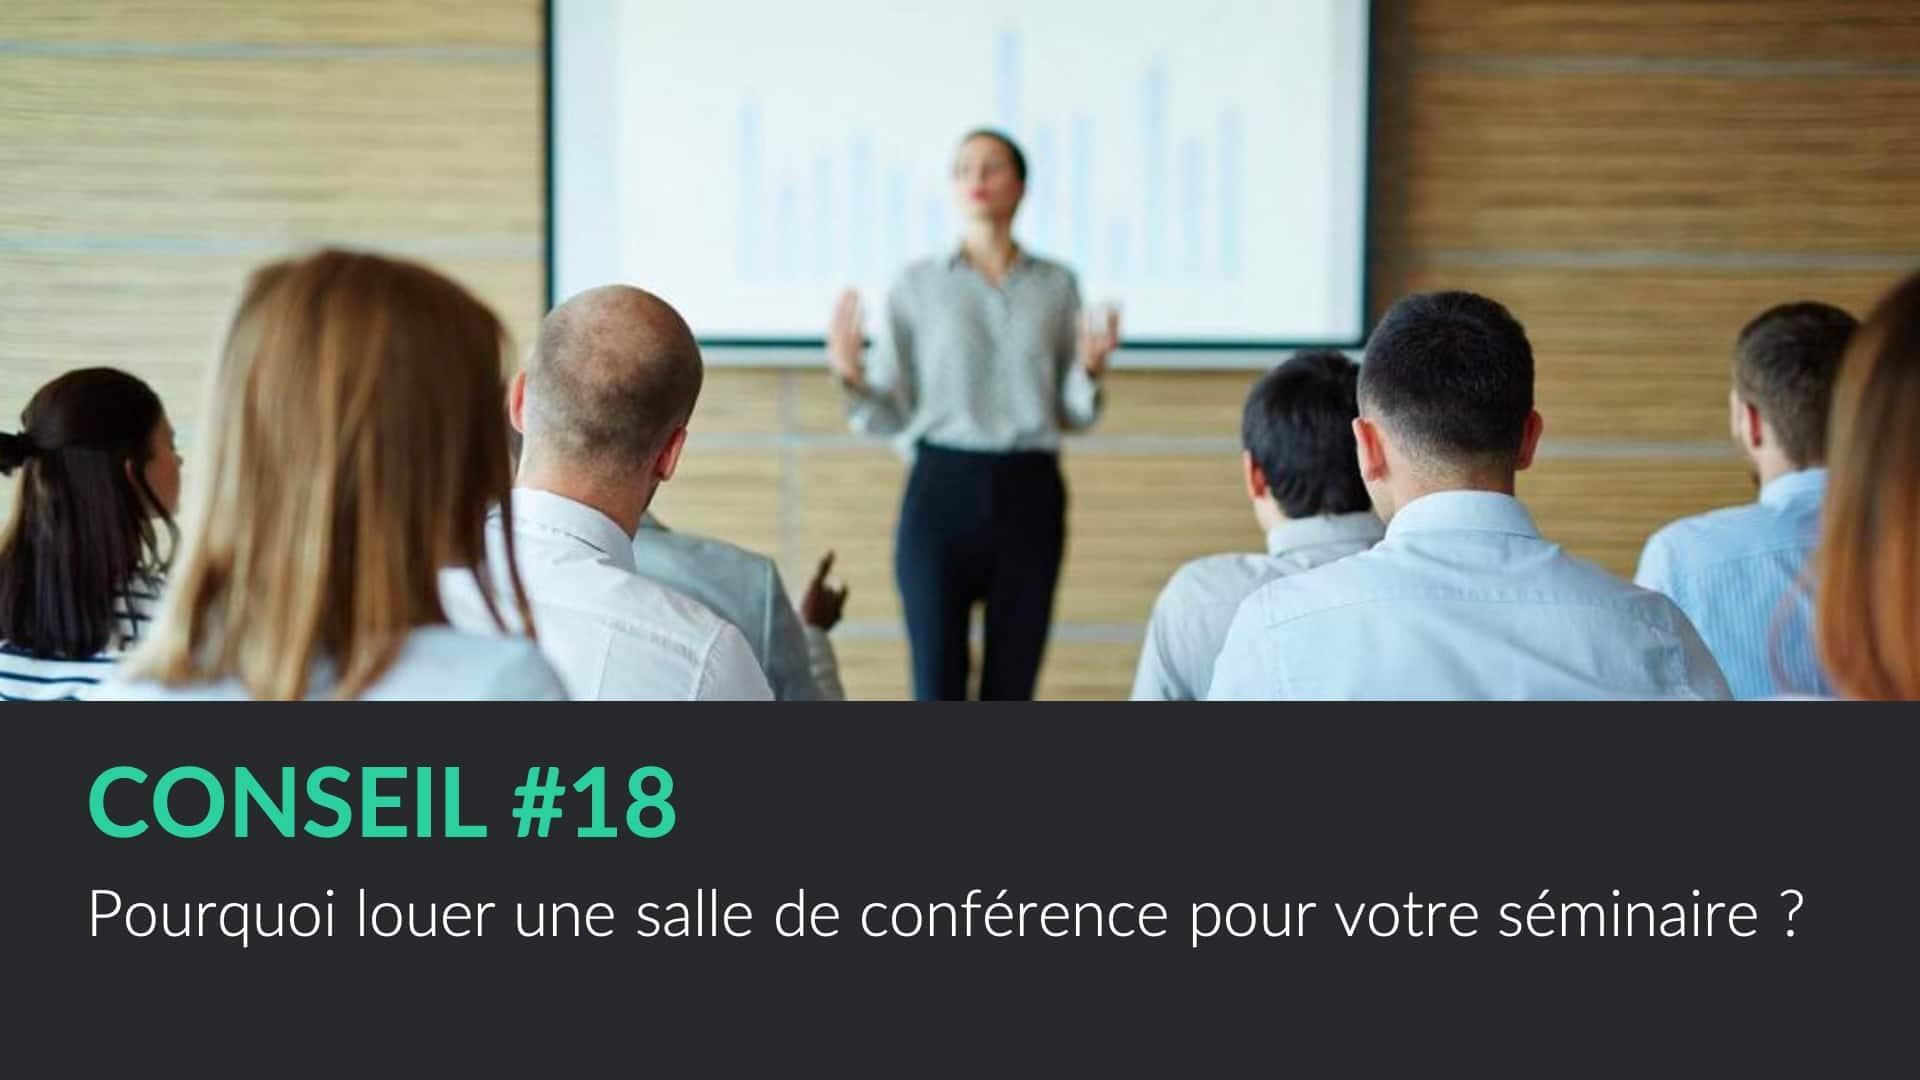 Pourquoi louer une salle de conférence